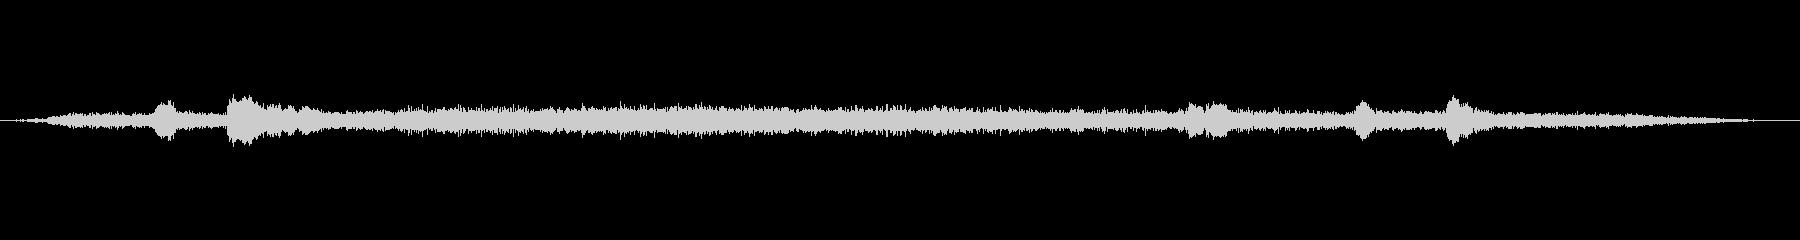 メインオイルルーブアラーム、フェリ...の未再生の波形